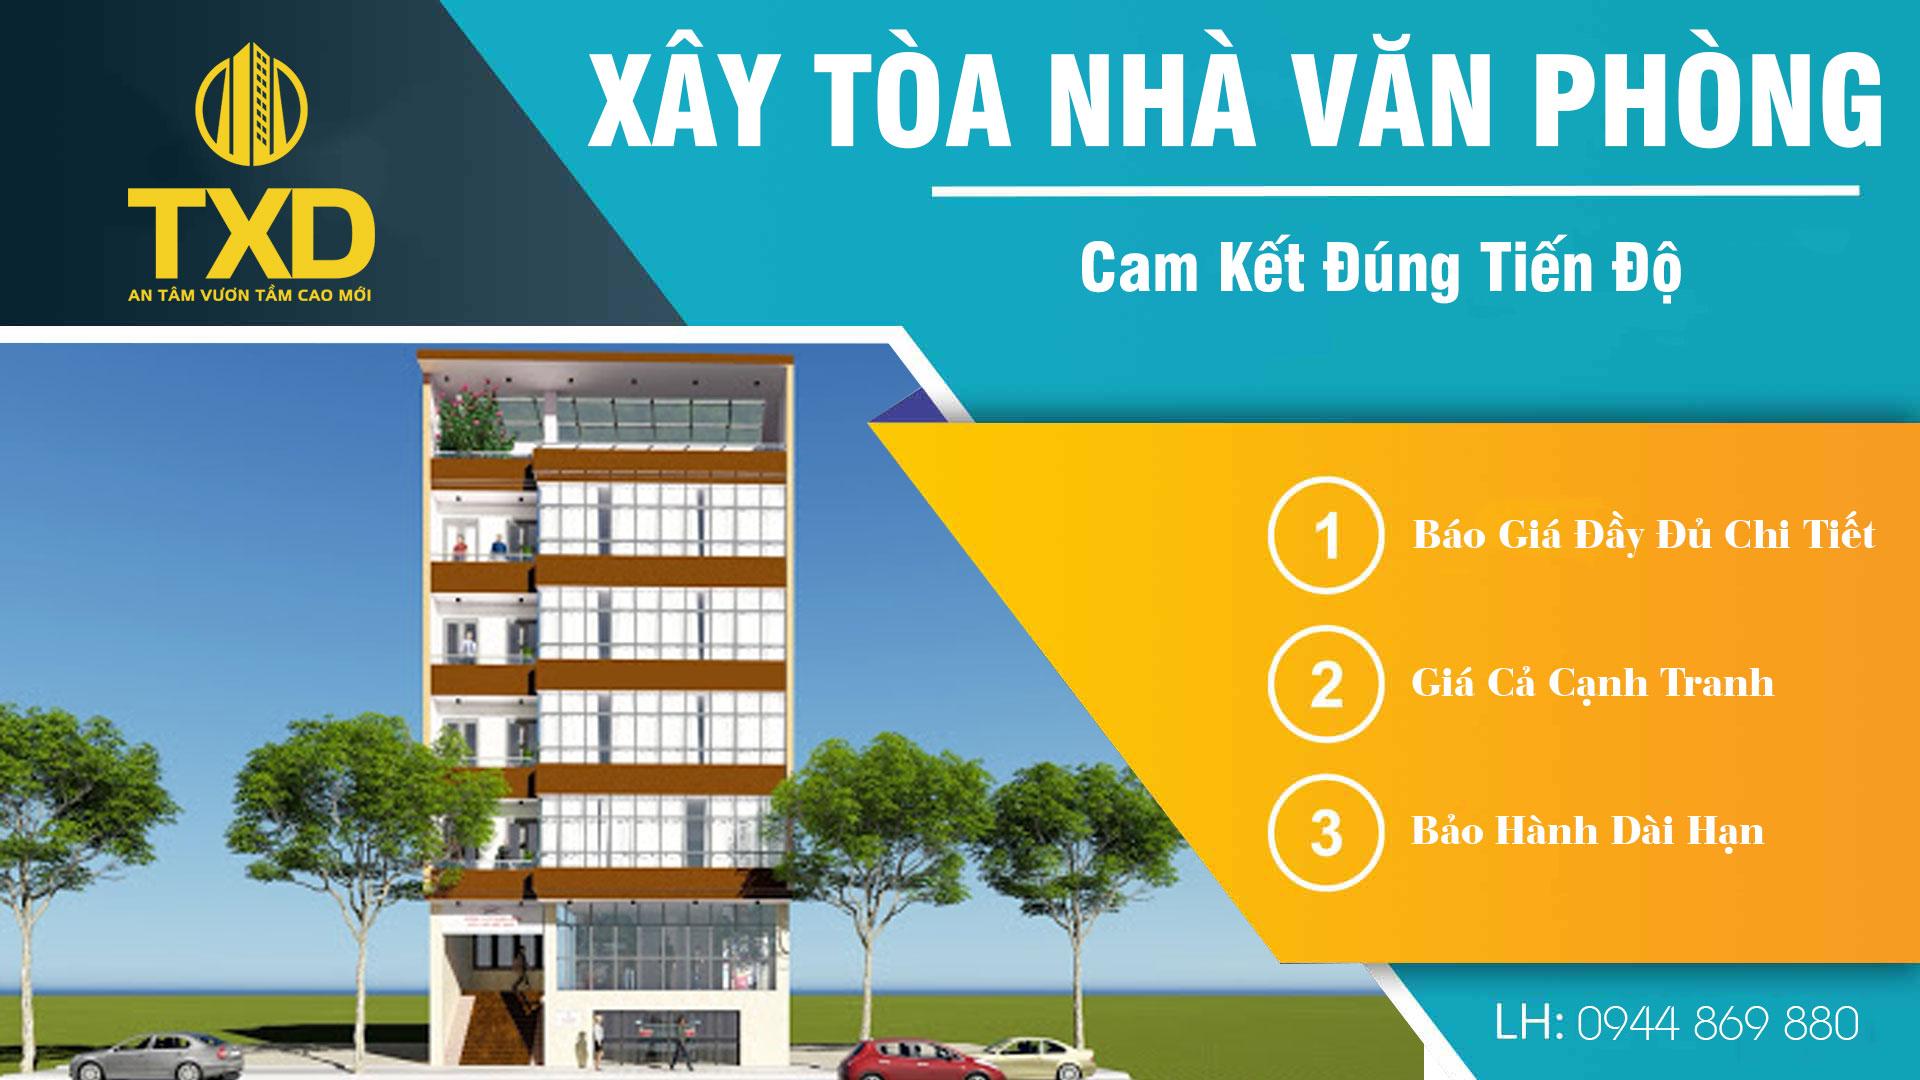 Xây tòa nhà văn phòng tại Hà Nội 2022 Uy Tín - Giá Rẻ